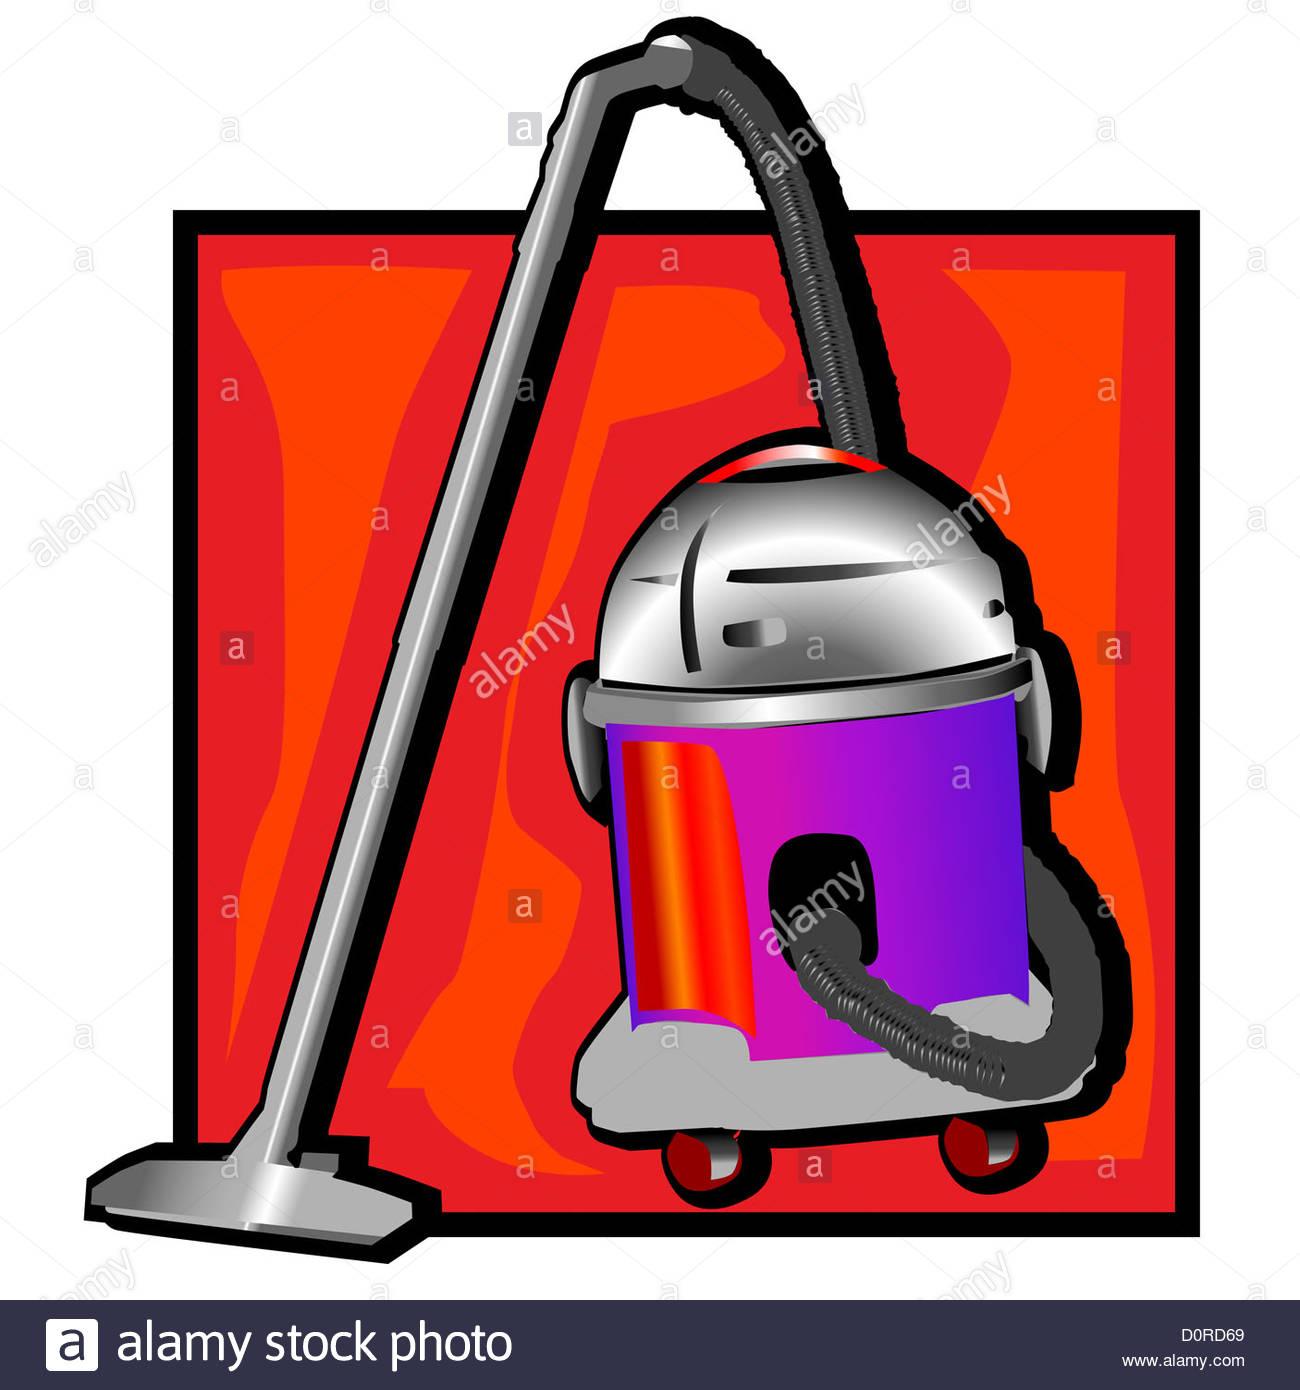 retro vacuum cleaner clip art Stock Photo: 52146369.